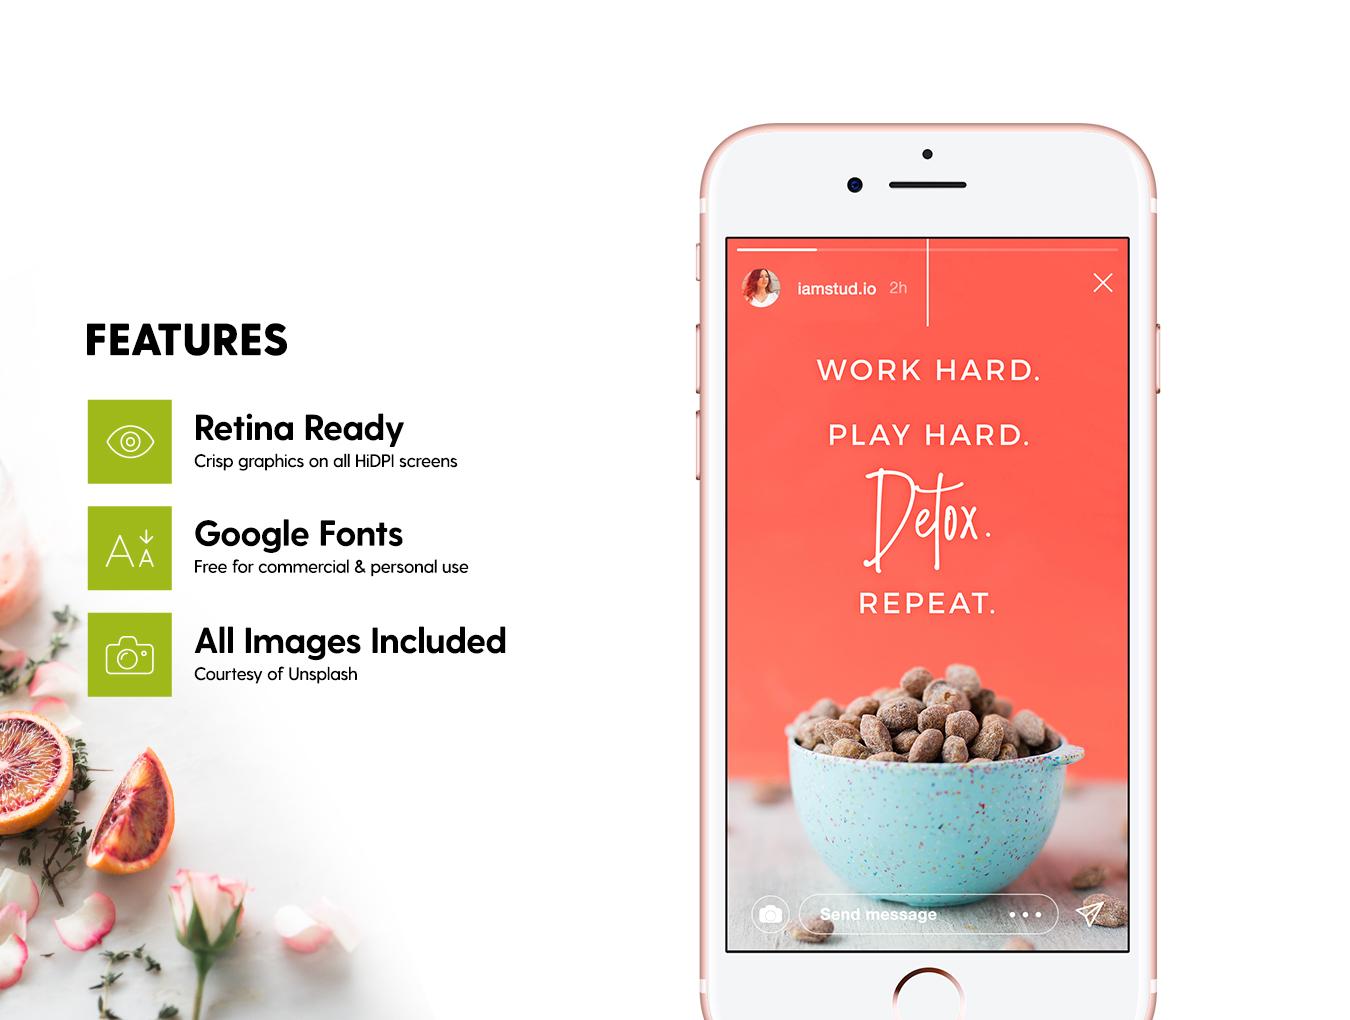 营养美食健身运动博主Instagram社交设计素材包 Detox Week Insta Stories插图(5)